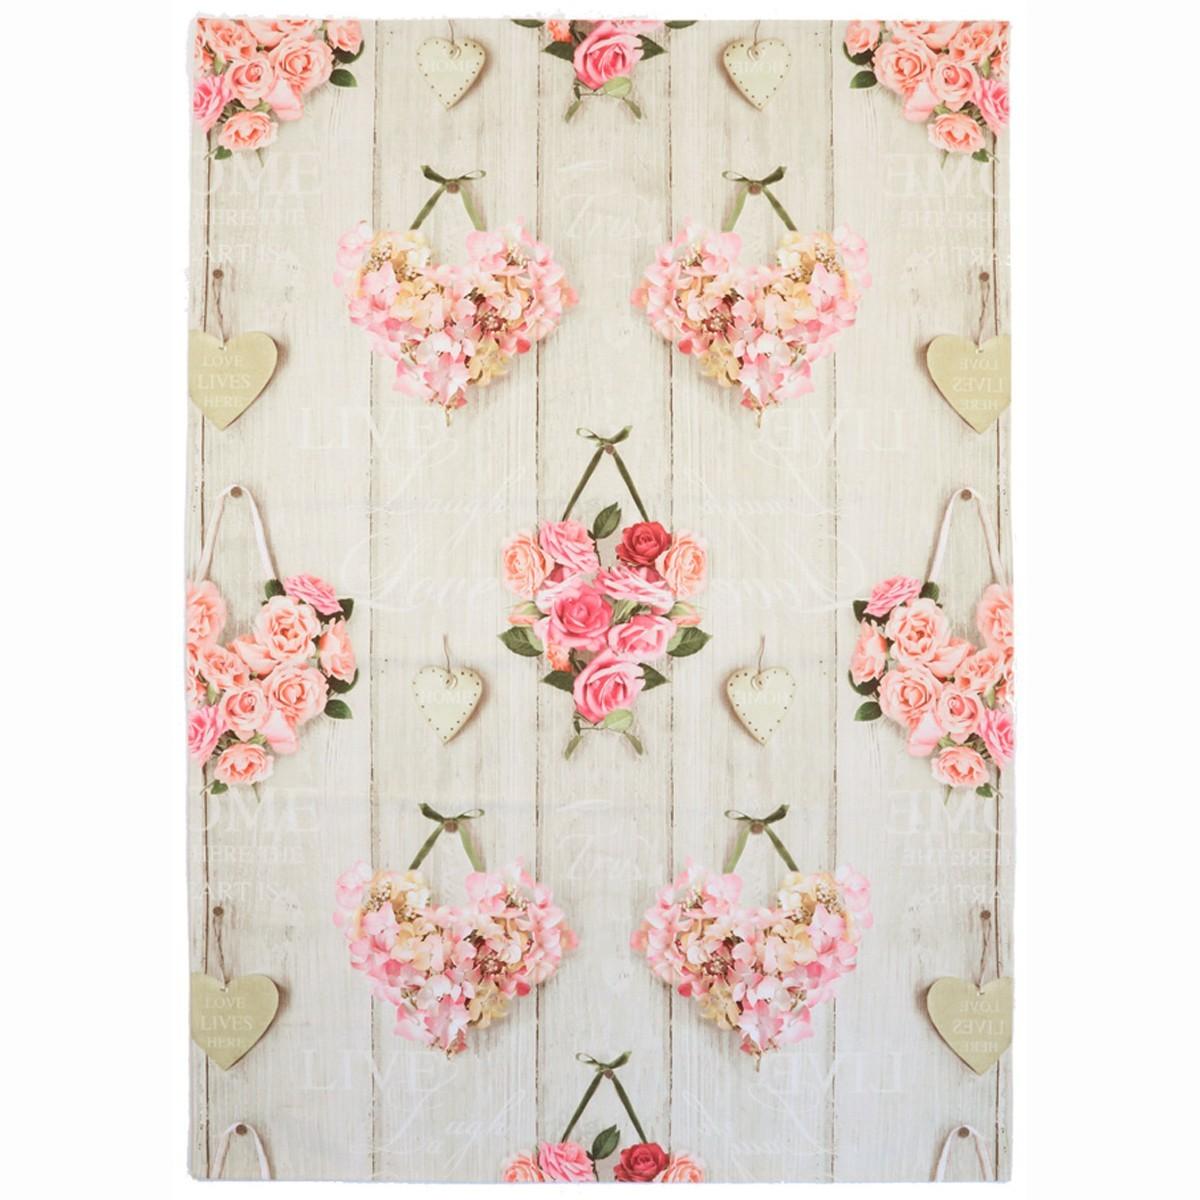 Χαλί Διαδρόμου (70x140) Royal Carpets Rose 822 home   χαλιά   χαλιά κουζίνας   διάδρομοι